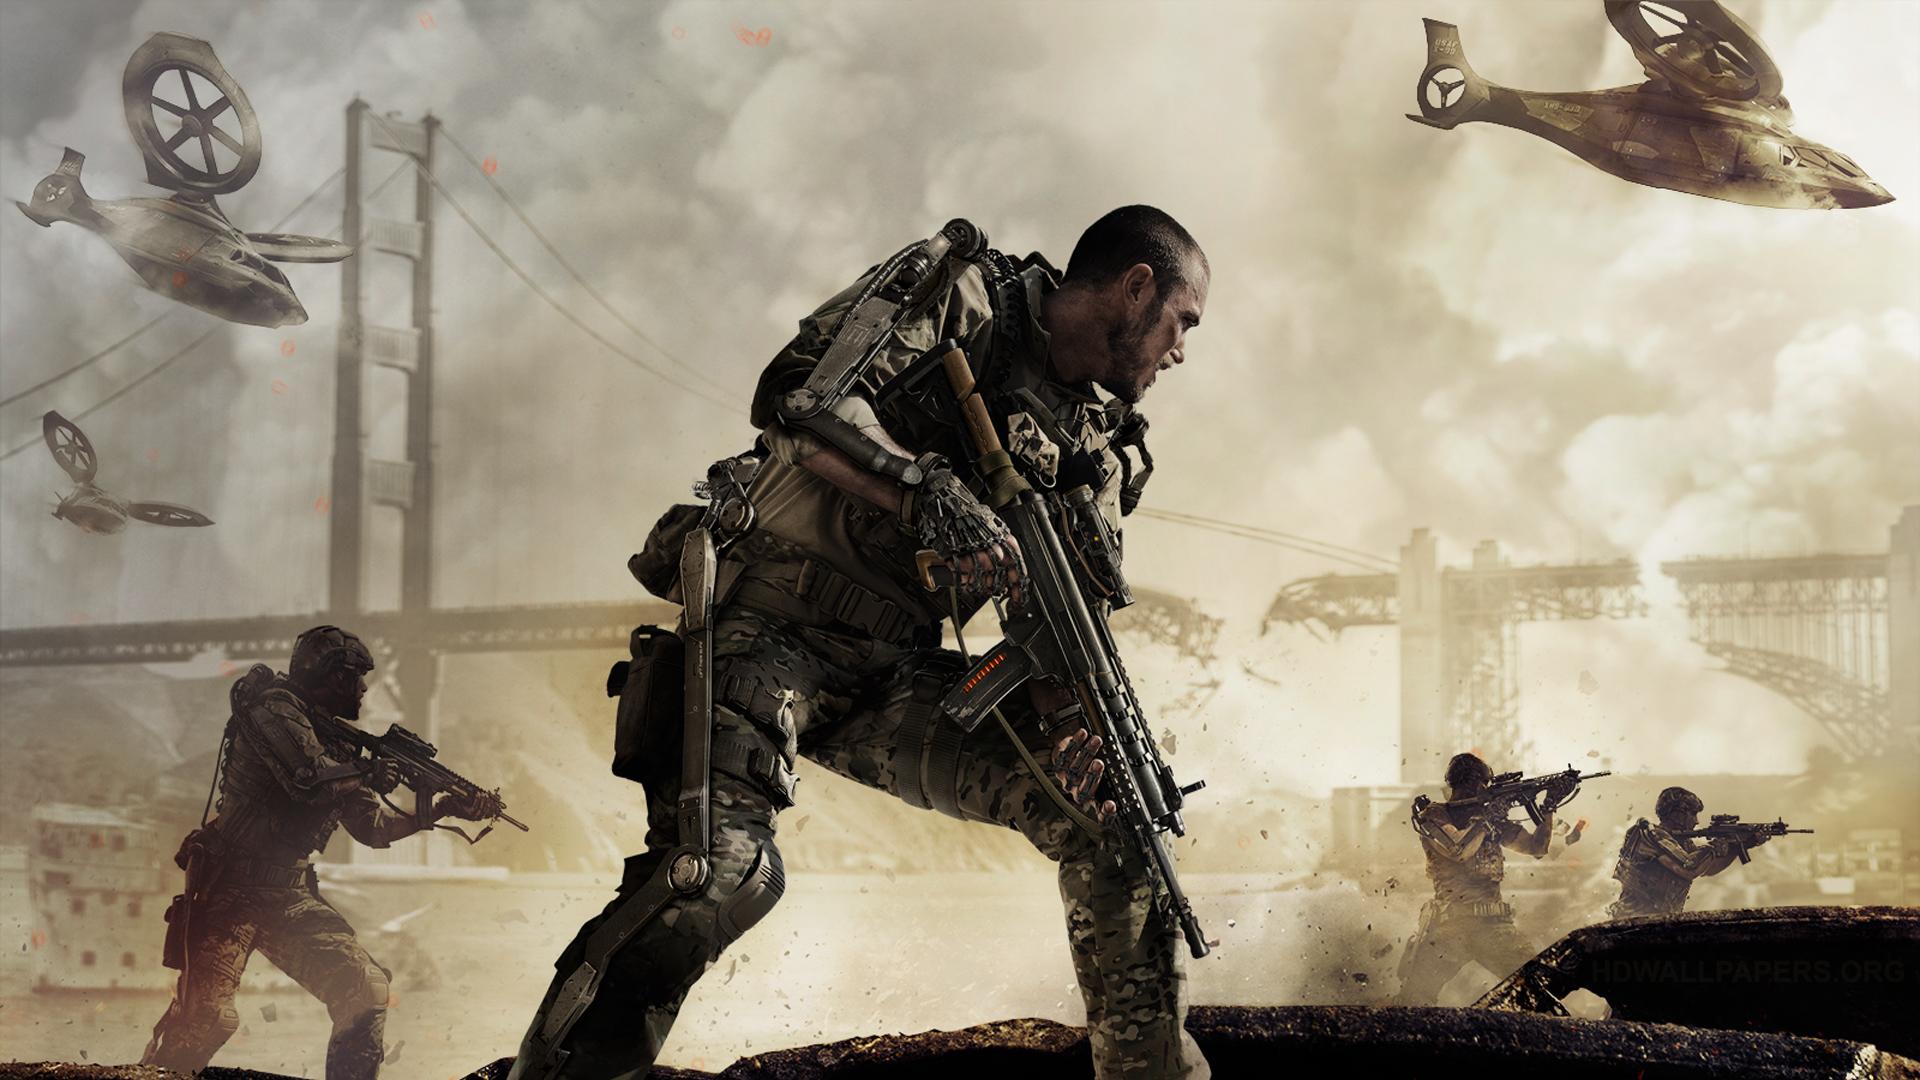 Următorul Call of Duty ar putea avea loc în spaţiu